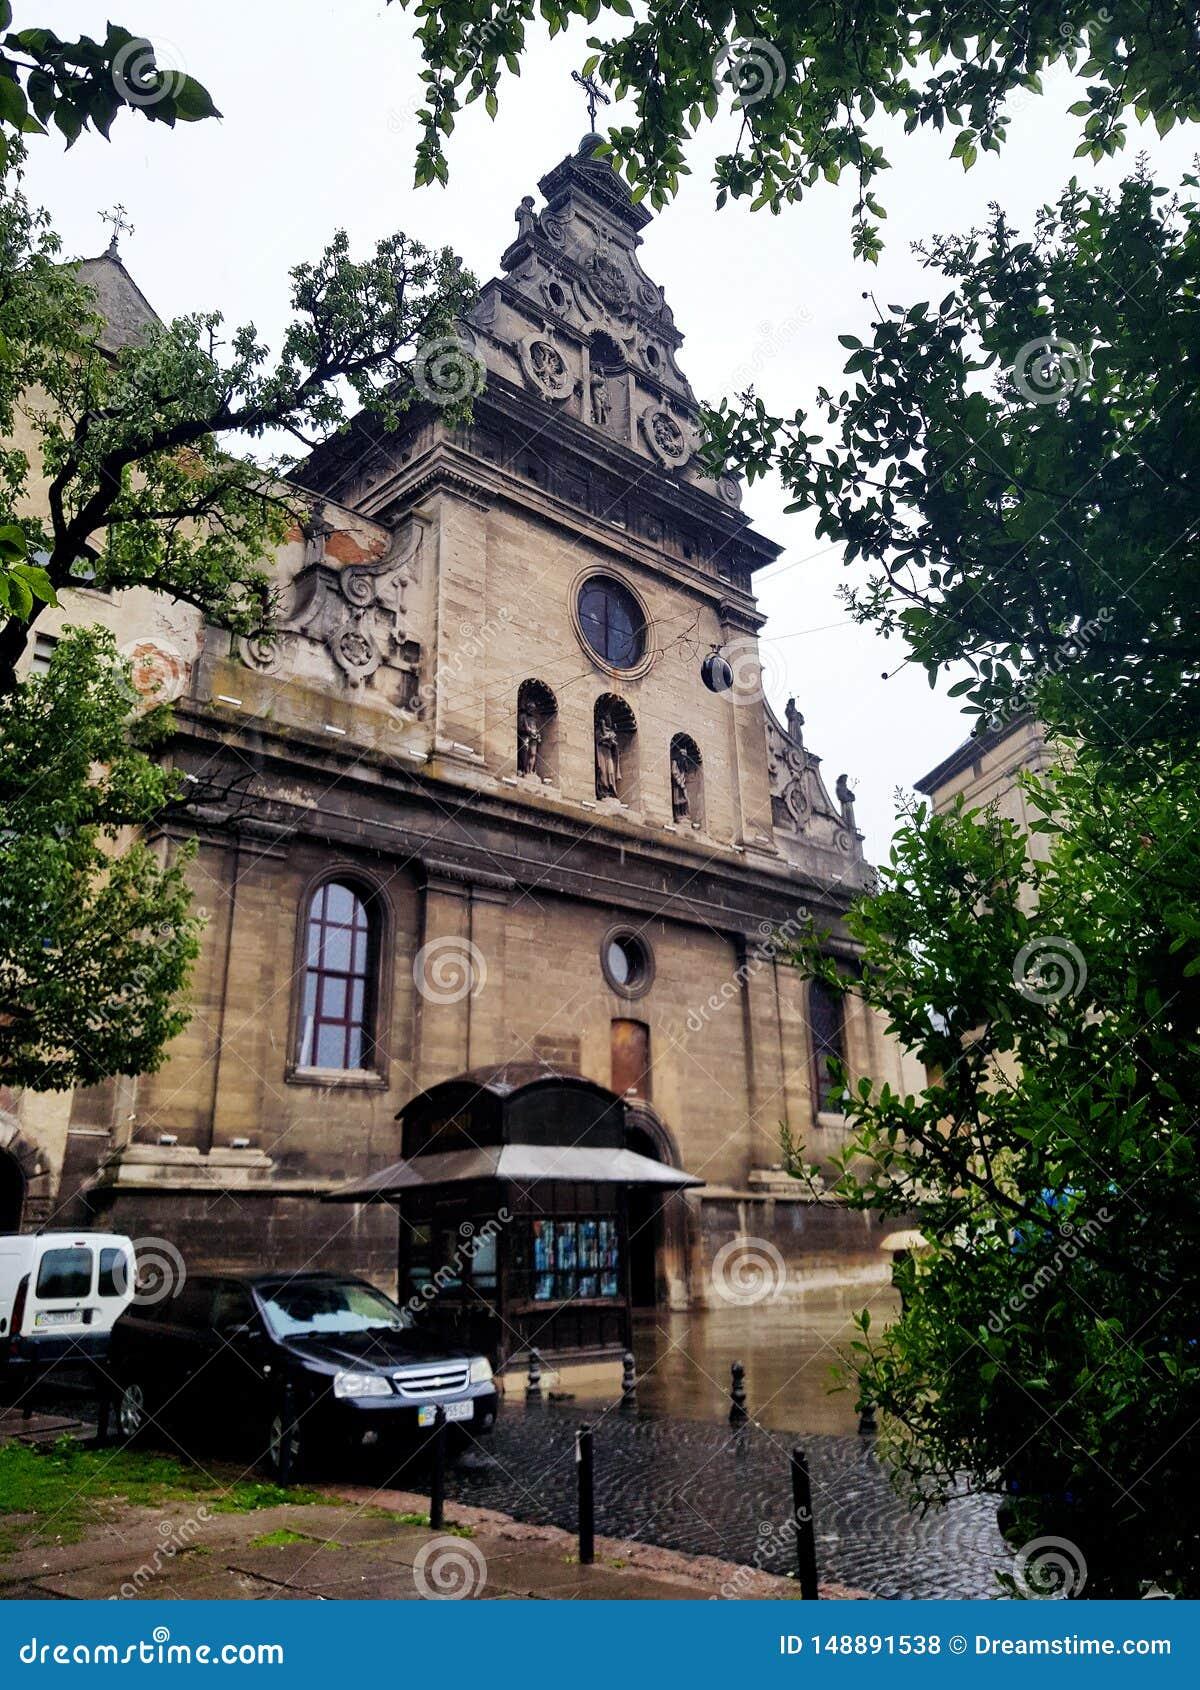 Sch?ne alte Architektur der europ?ischen Stadt Lemberg, Ukraine